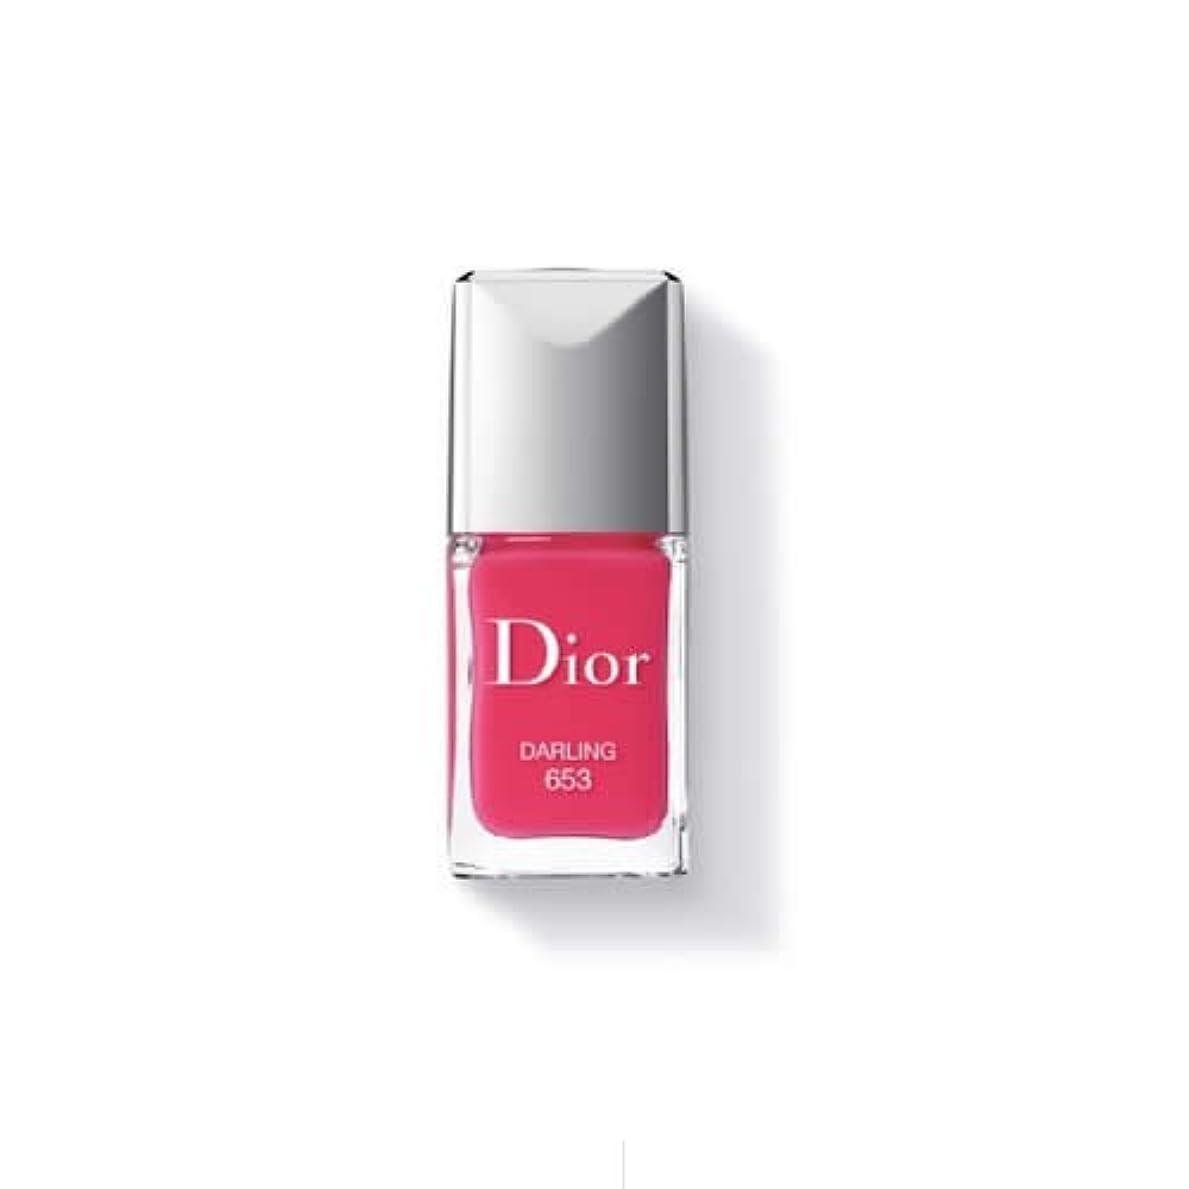 有料昨日ラップトップディオール ヴェルニ #653 ダーリン 10ml クリスチャン ディオール Christian Dior 訳あり